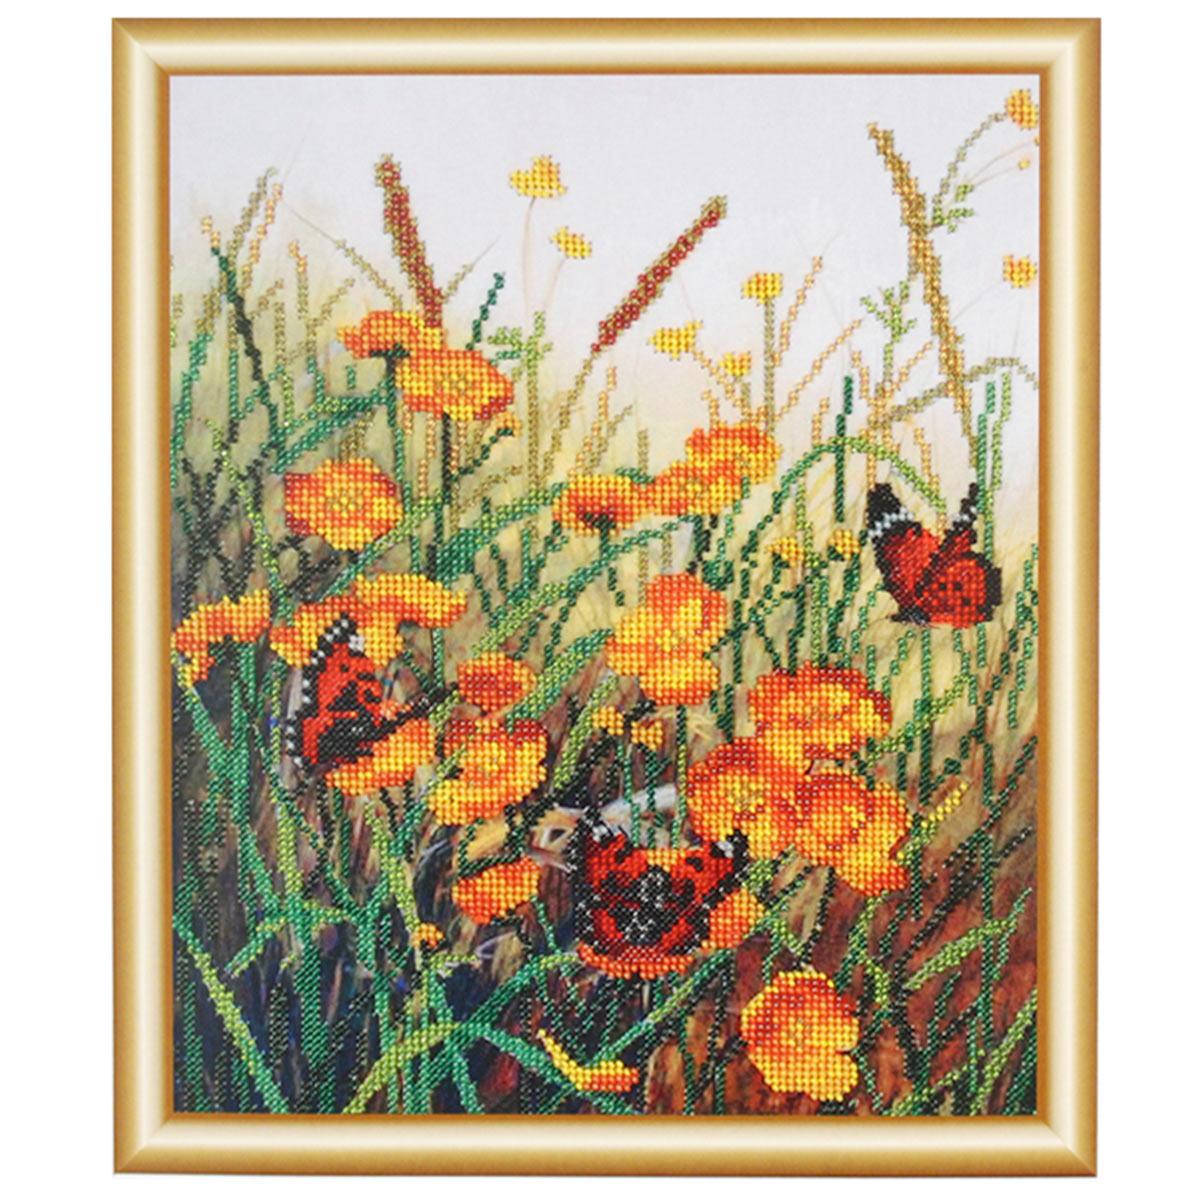 БН-3107 Набор для вышивания бисером Hobby&Pro 'Бабочки на полевых цветах', 25*31 см